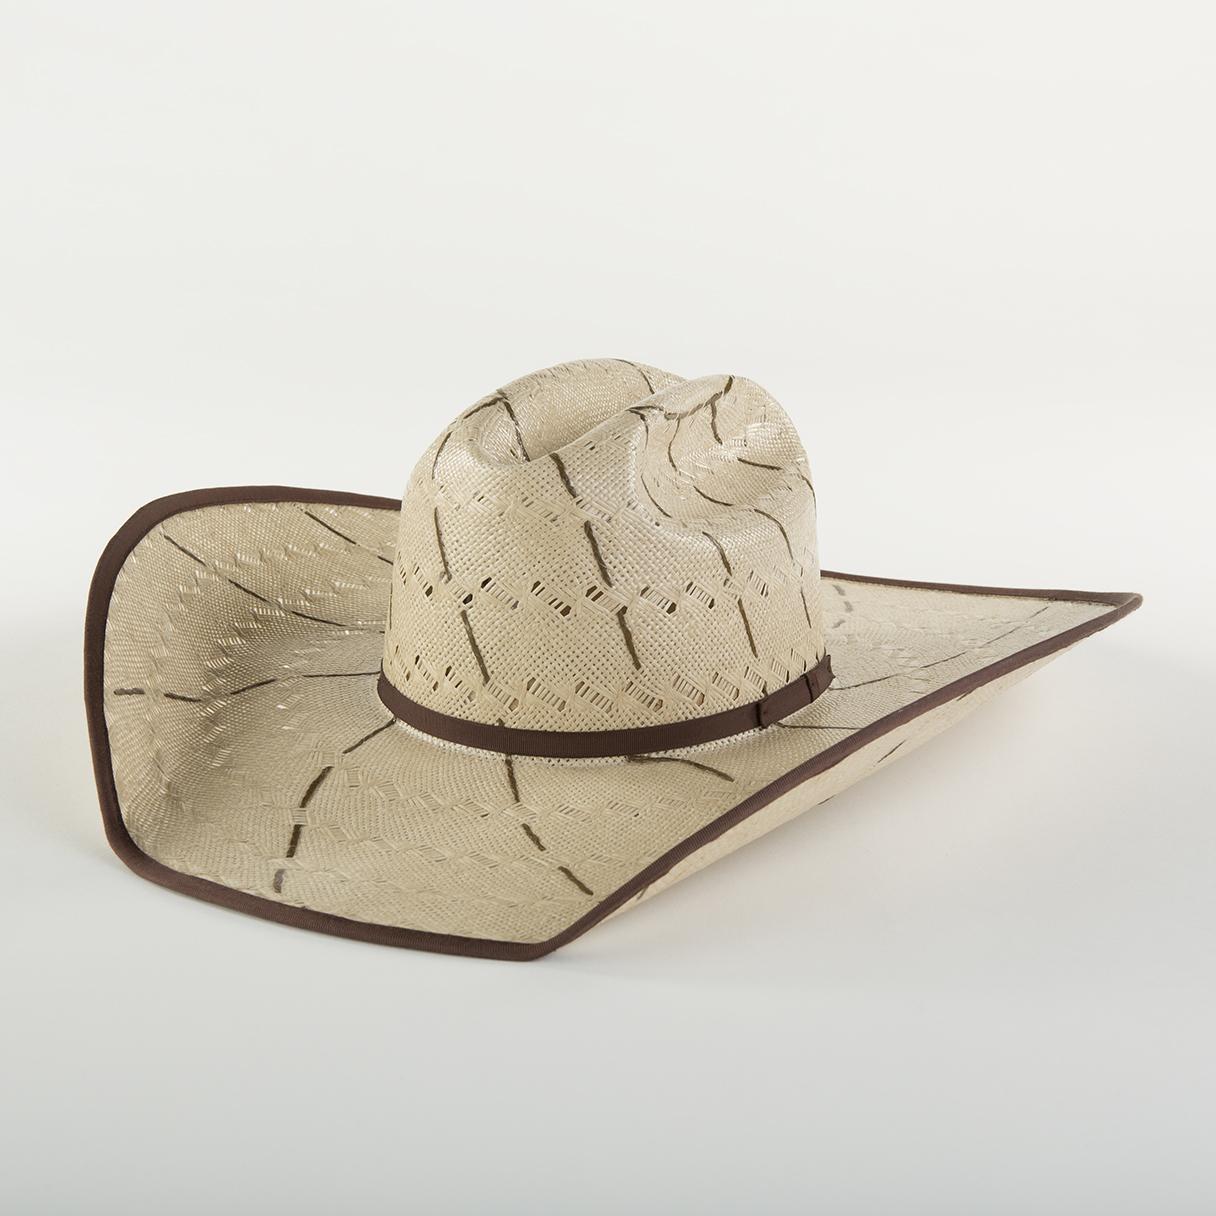 Pinwheel Tan - Tan Shantung, brim width 3 - 5 in.